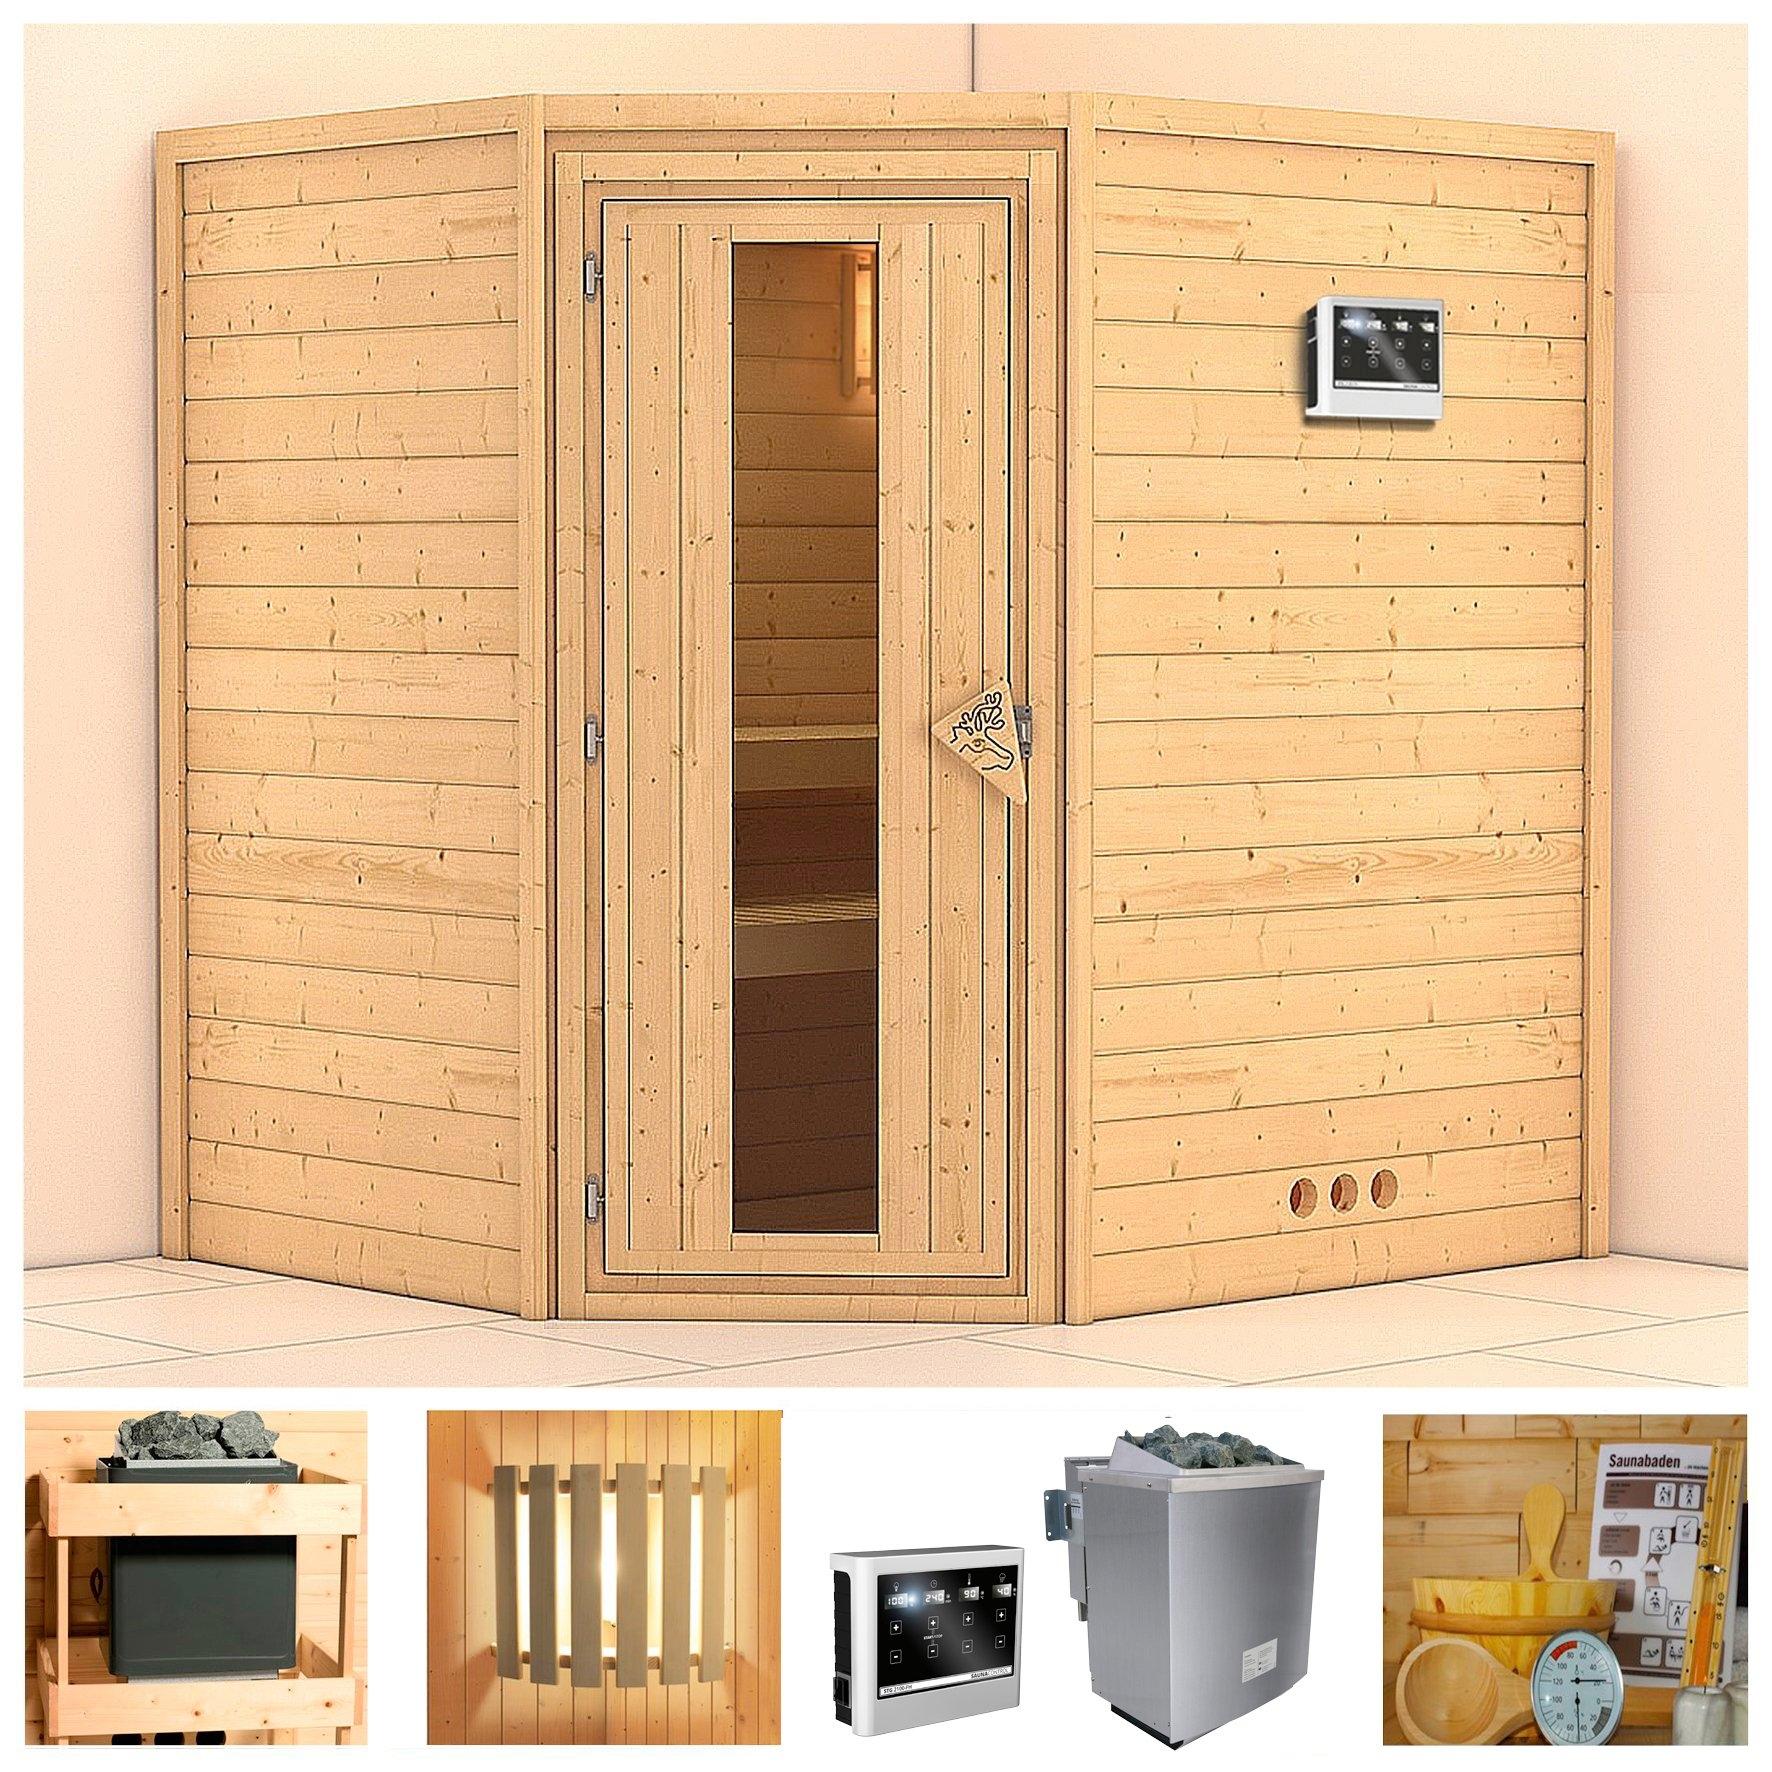 KONIFERA sauna »Mia«, 196/170/200 cm, 9-kW-Bio-Ofen mit ext. Strg., Holztür veilig op otto.nl kopen